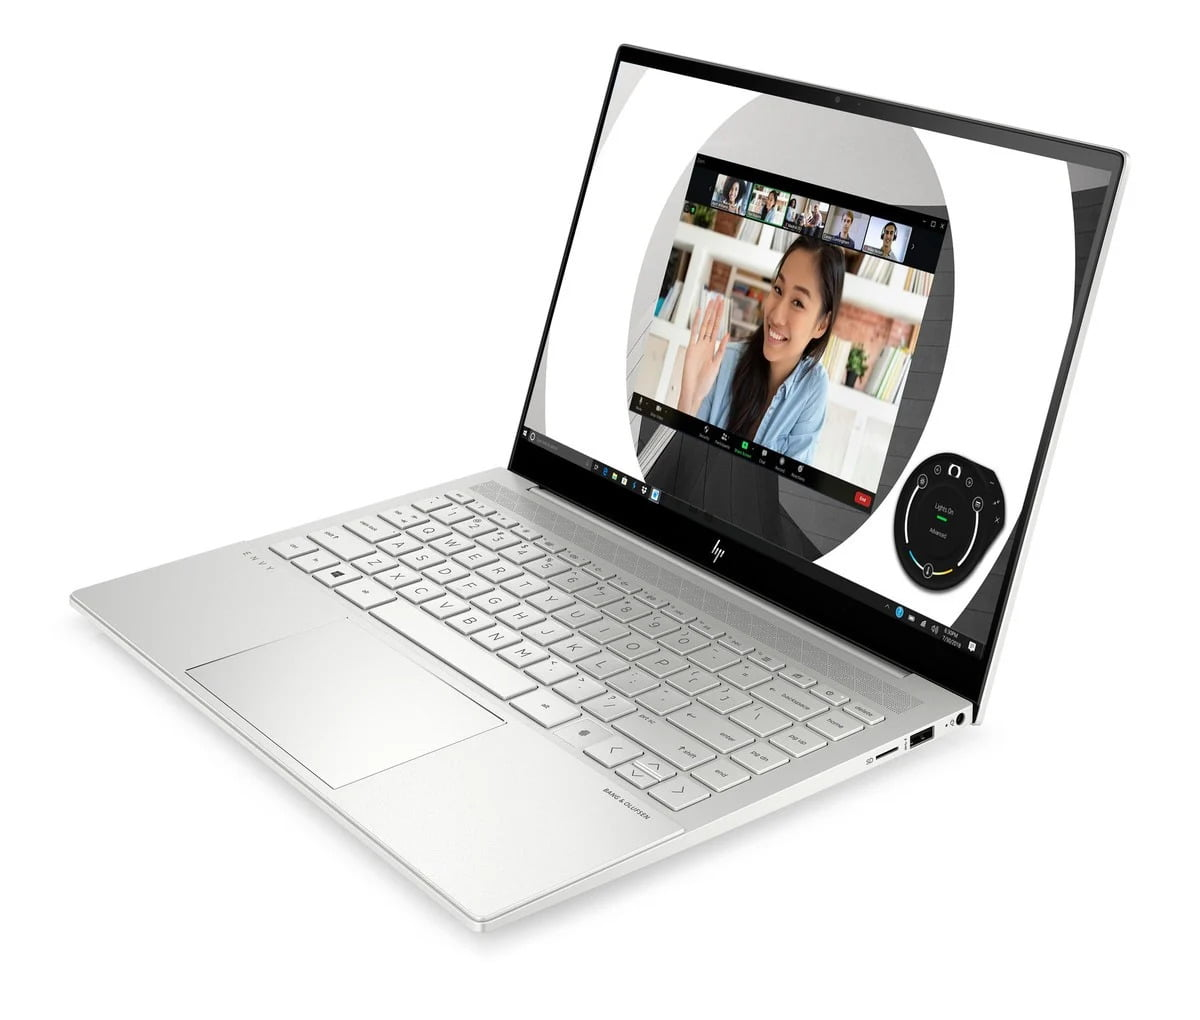 HP Envy 14 abierto con pantalla, teclado y touchpad visibles